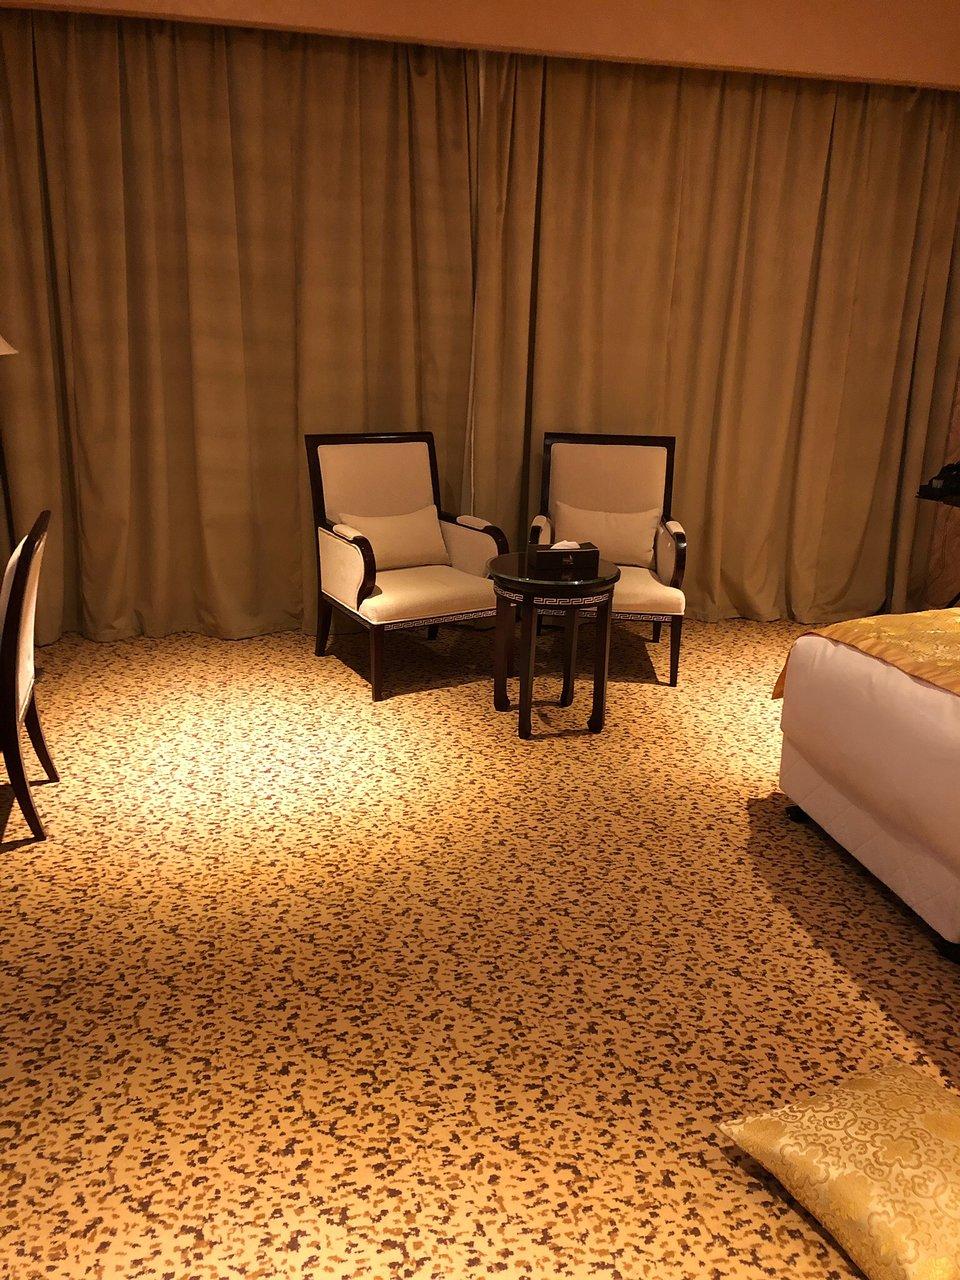 تعليقات ومقارنة أسعار فندق هوتل Hala Inn Arar Hotel عرعر المملكة العربية السعودية فندق Tripadvisor